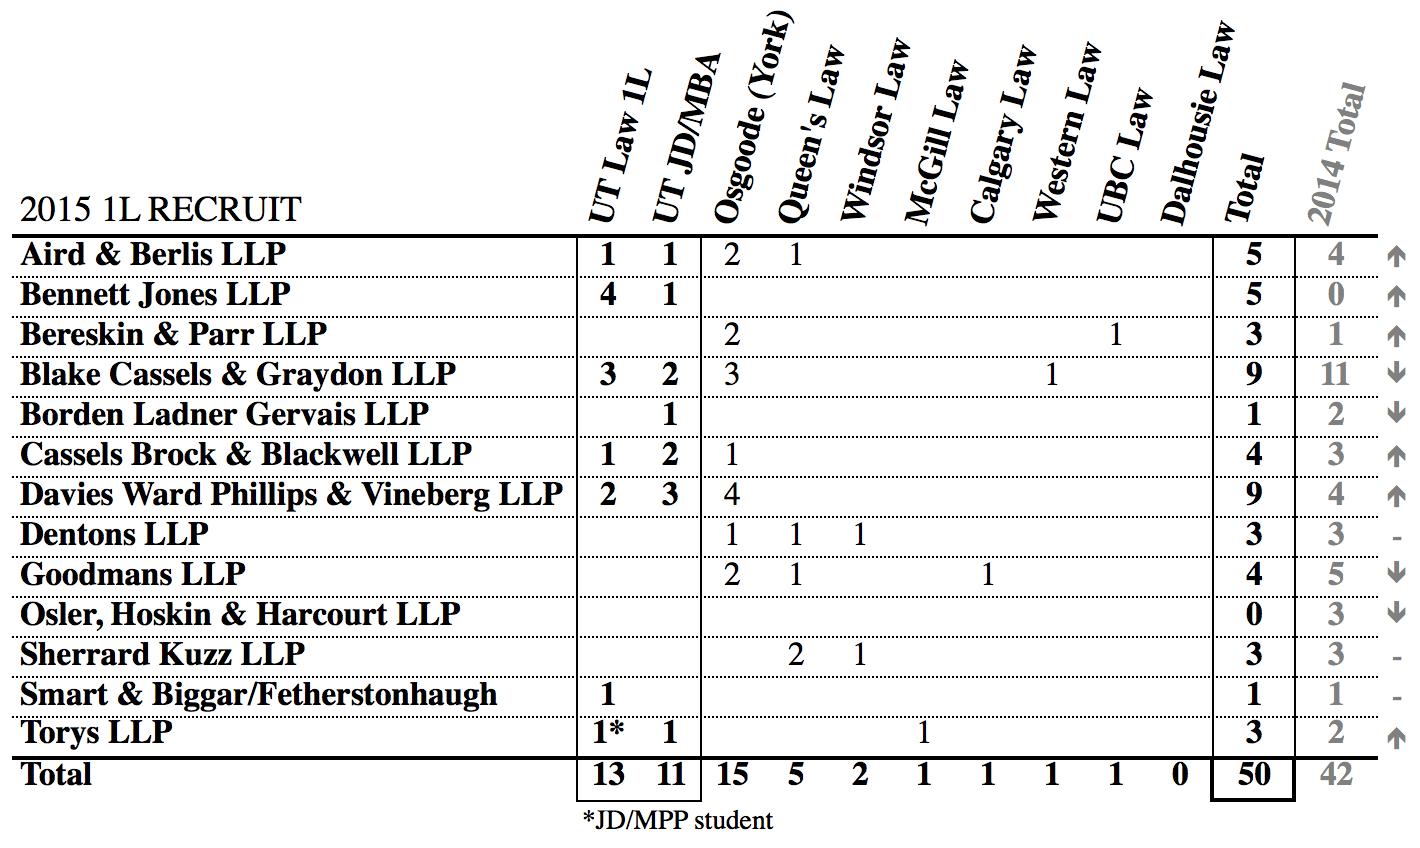 1L hiring table - large